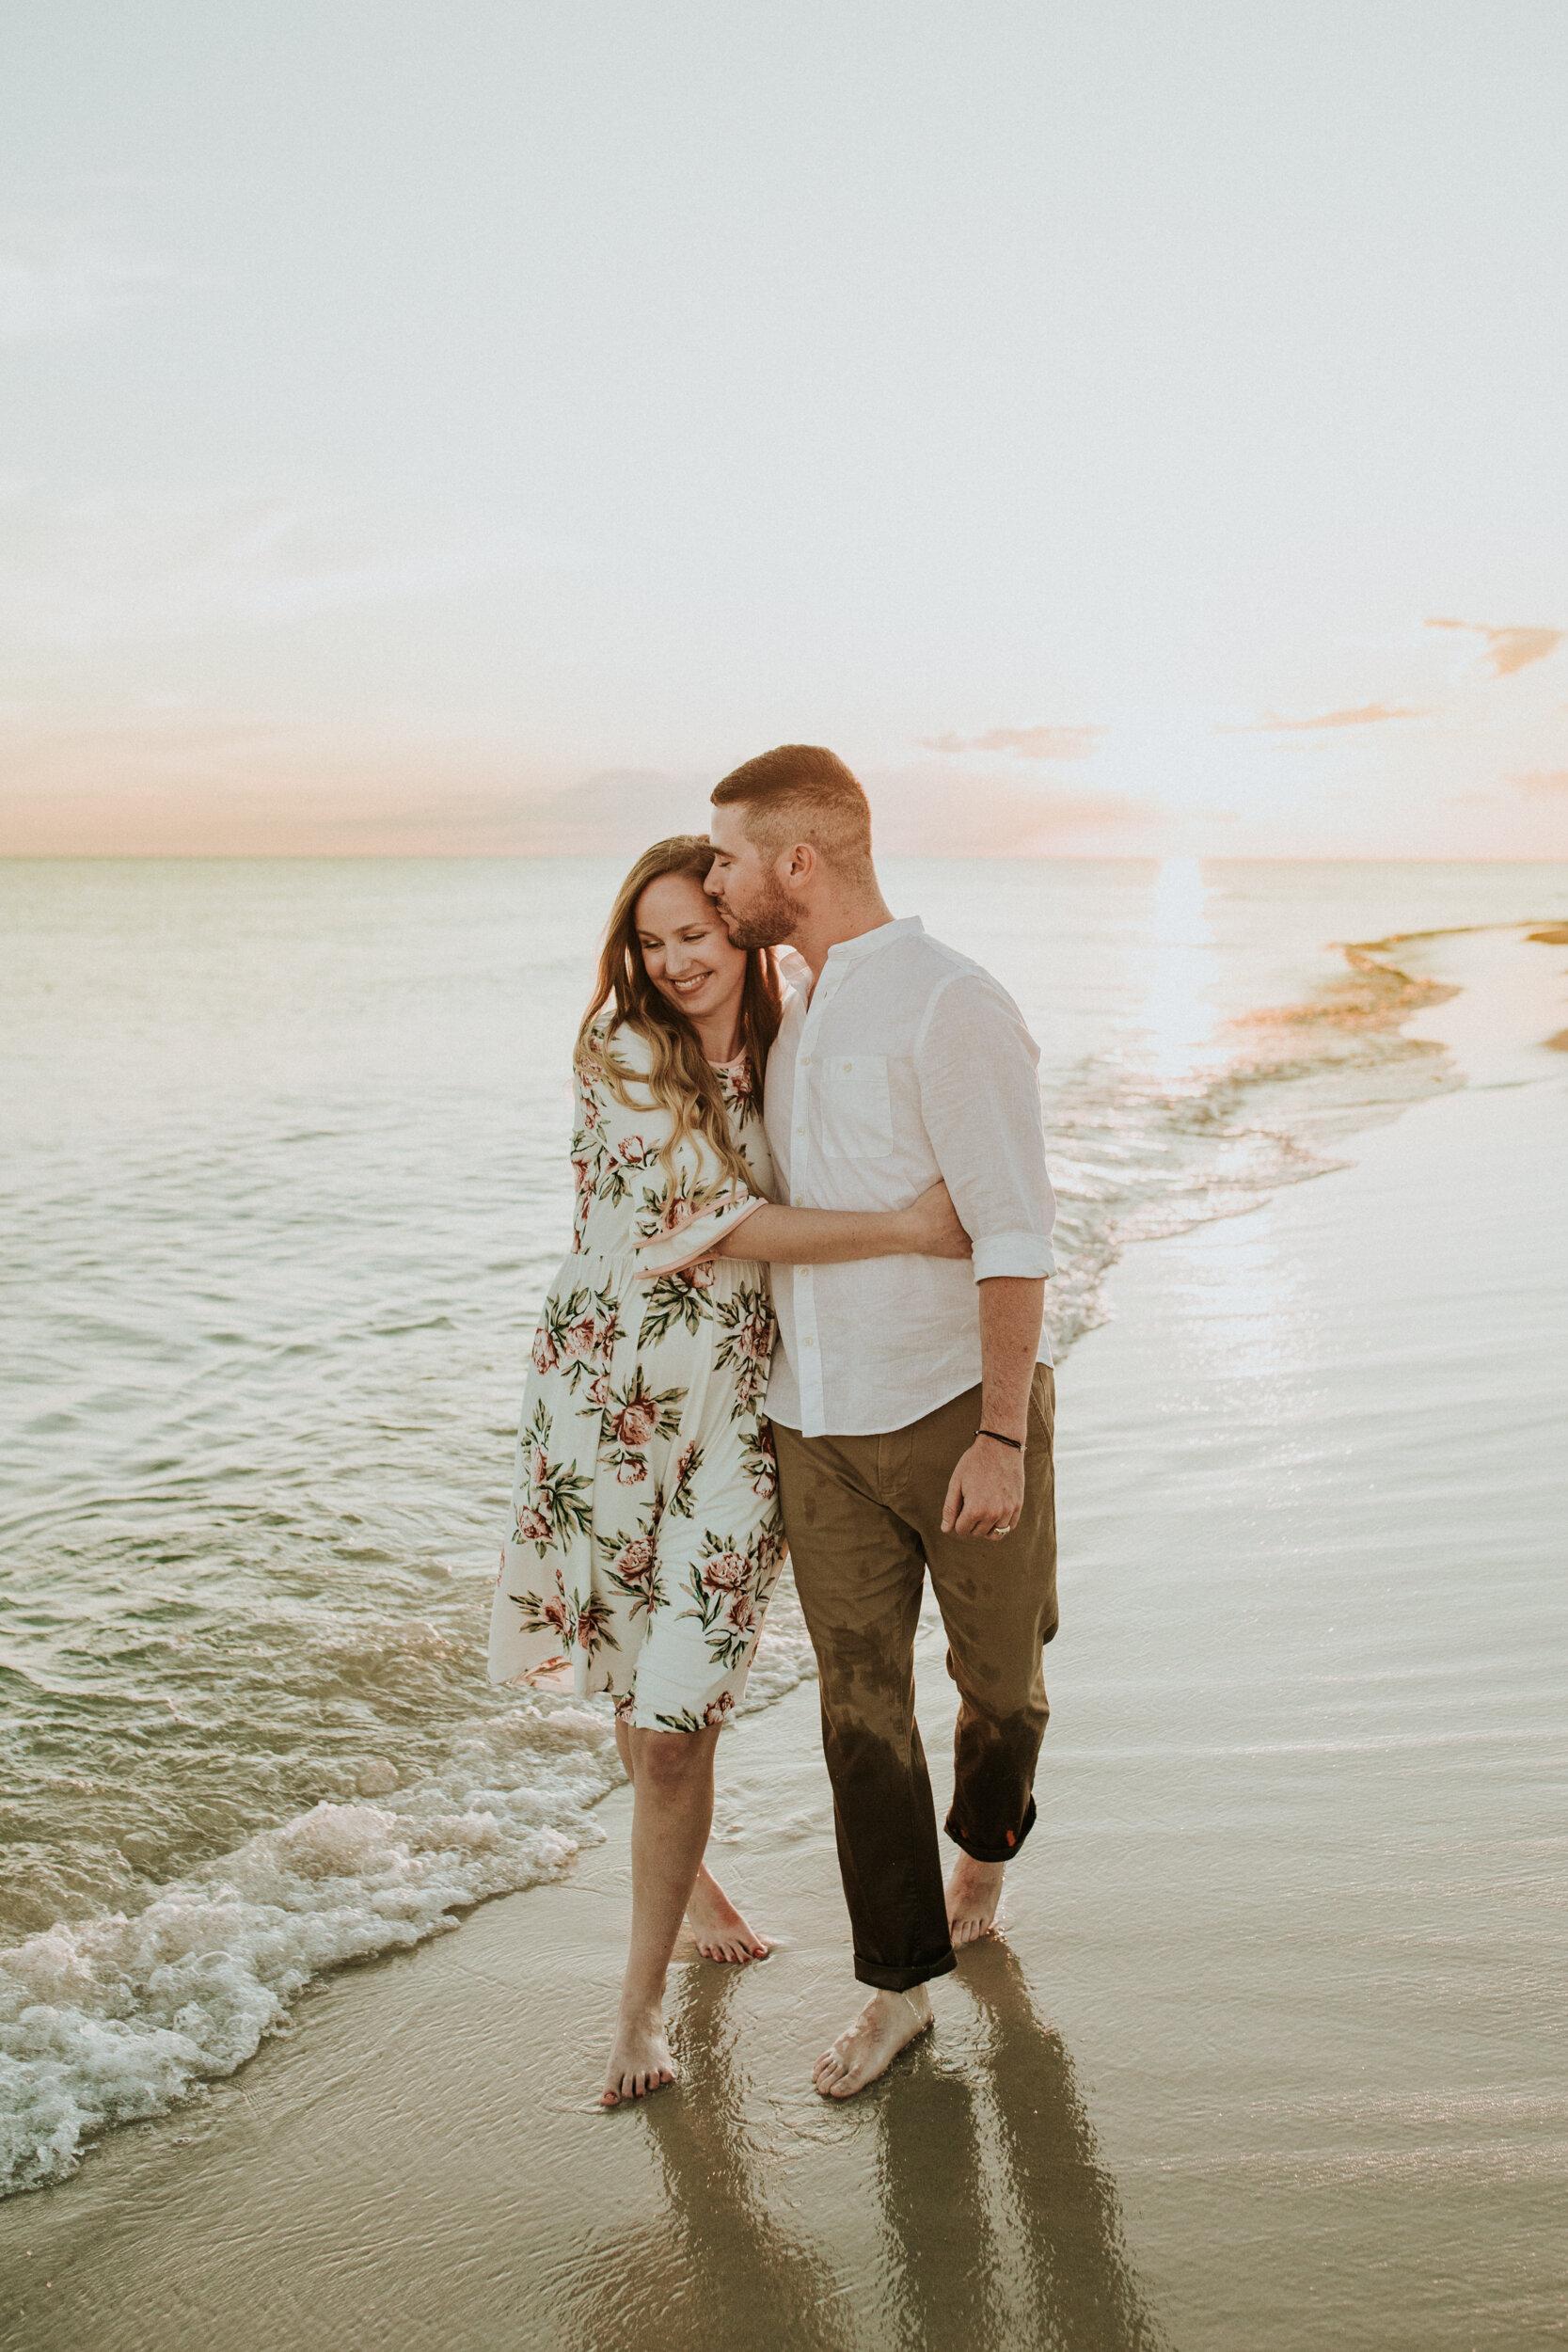 30a_Panama_City_Beach_Florida_Maternity_Couples_Beach_Photographer-20.jpg